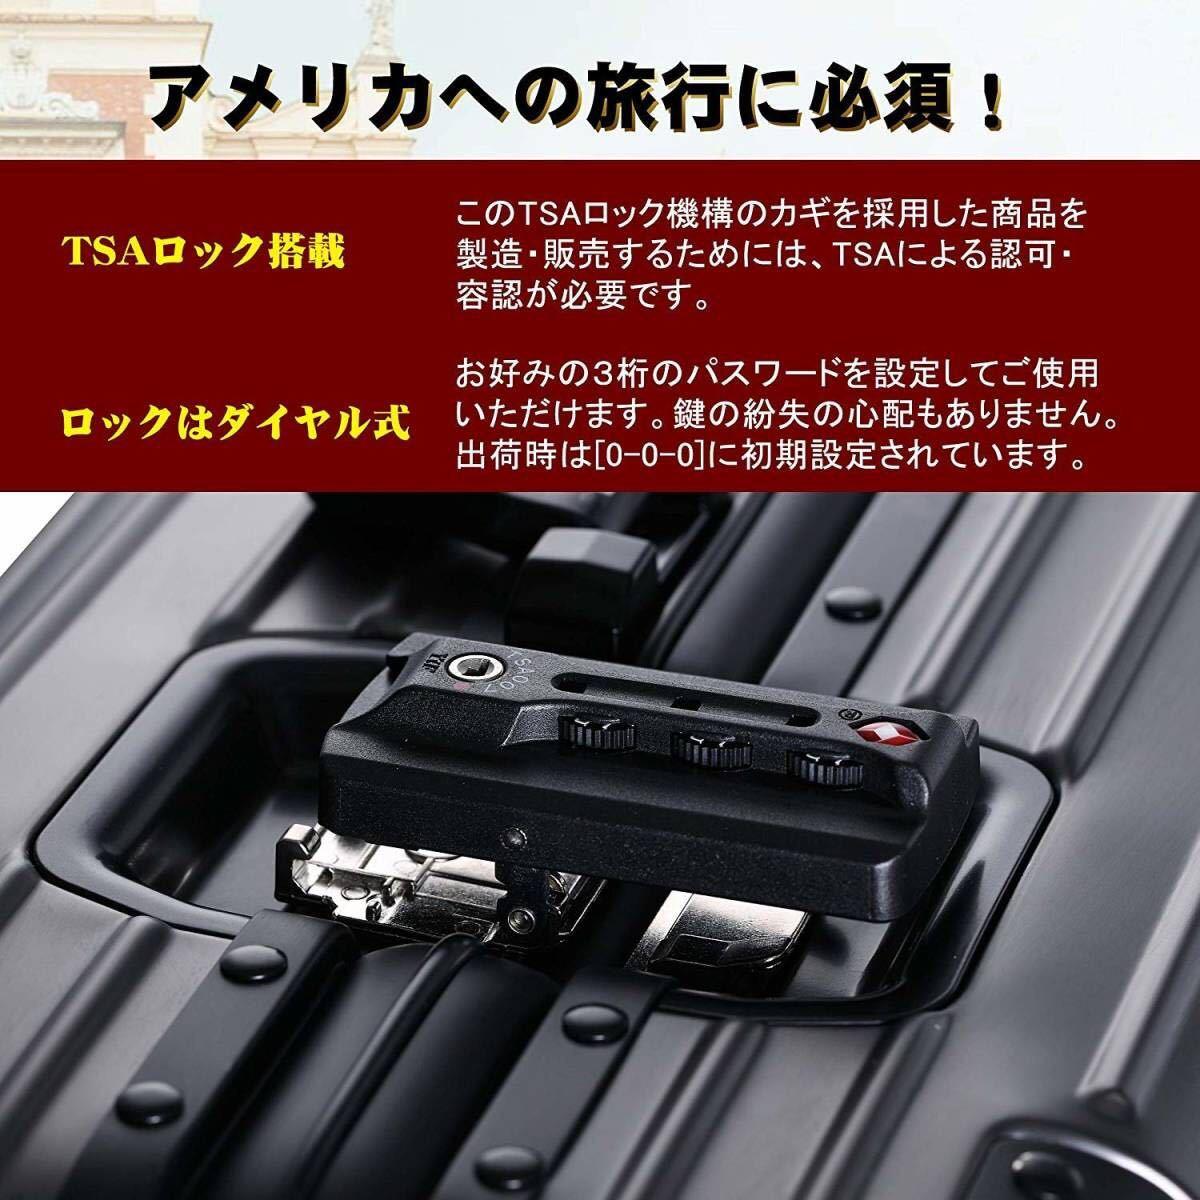 スーツケース アルミマグネシウム合金 キャリーバッグ 360度回転 静音キャスター TSAロック フレームタイプ 保護カバー付 軽量 新品未使用_画像3